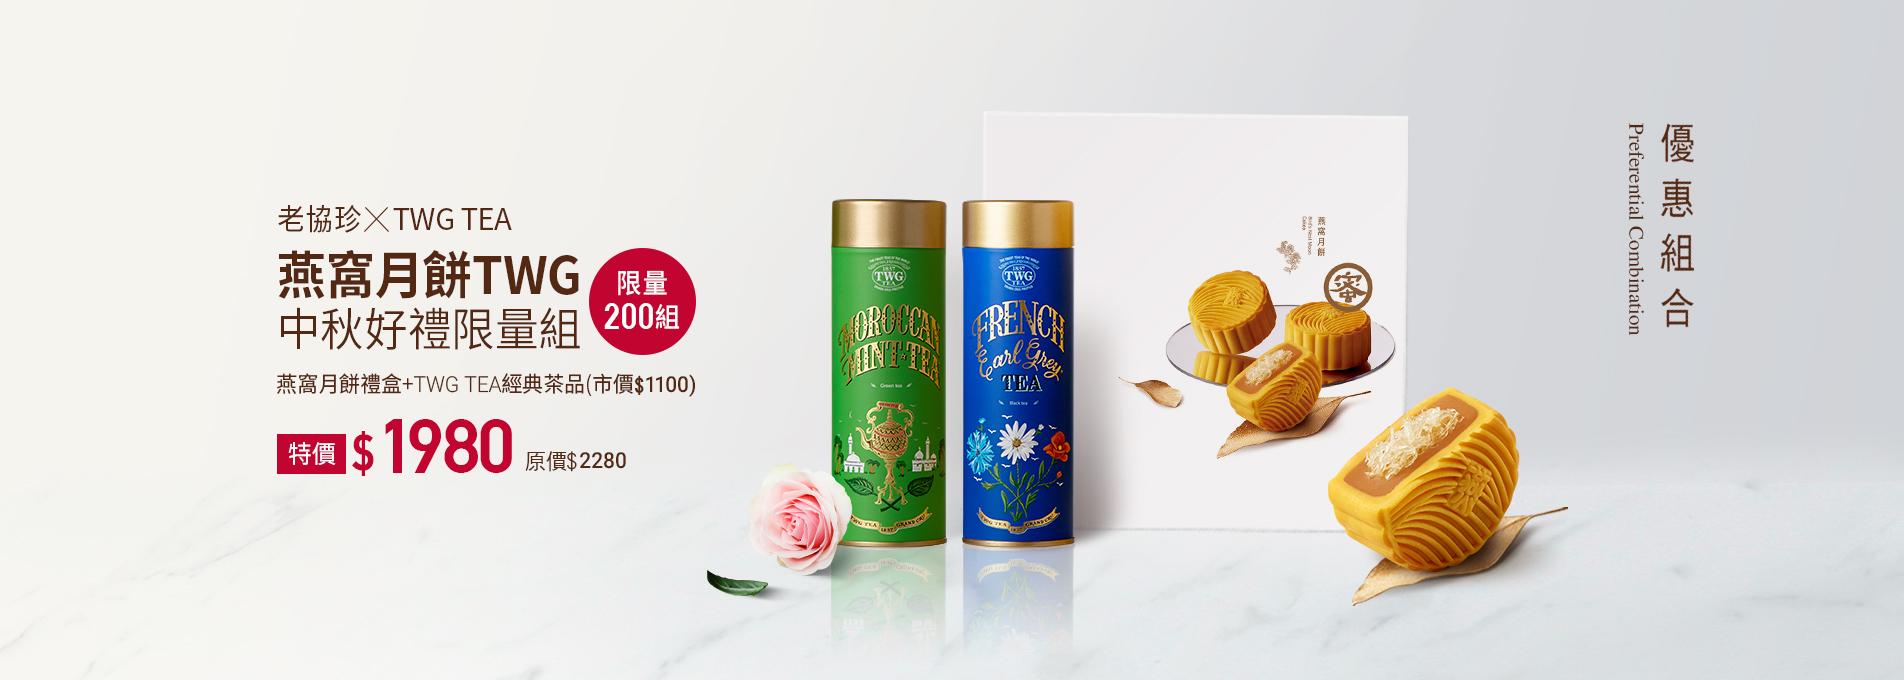 燕窩月餅禮盒(4入)+TWG TEA 法式伯爵茶緞帶禮盒 / 單罐【附提袋】